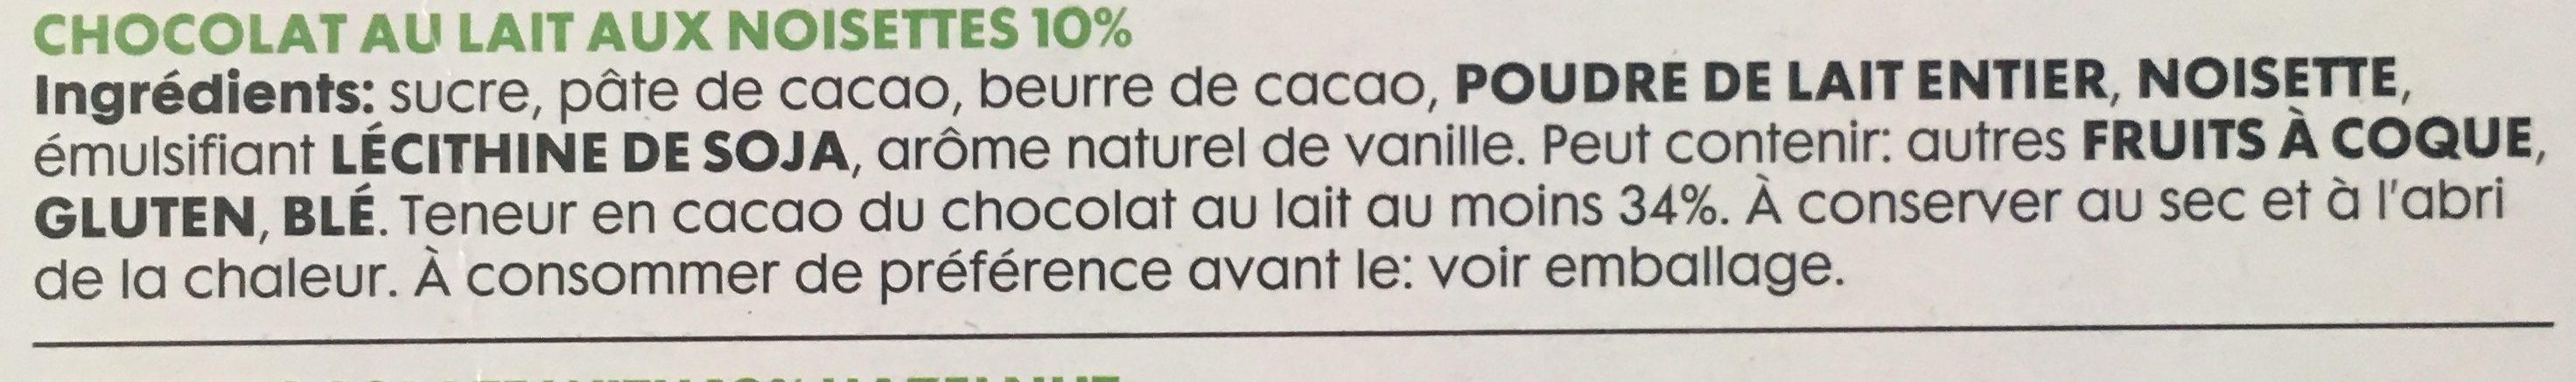 Chocolat lait noisette - Ingrédients - fr